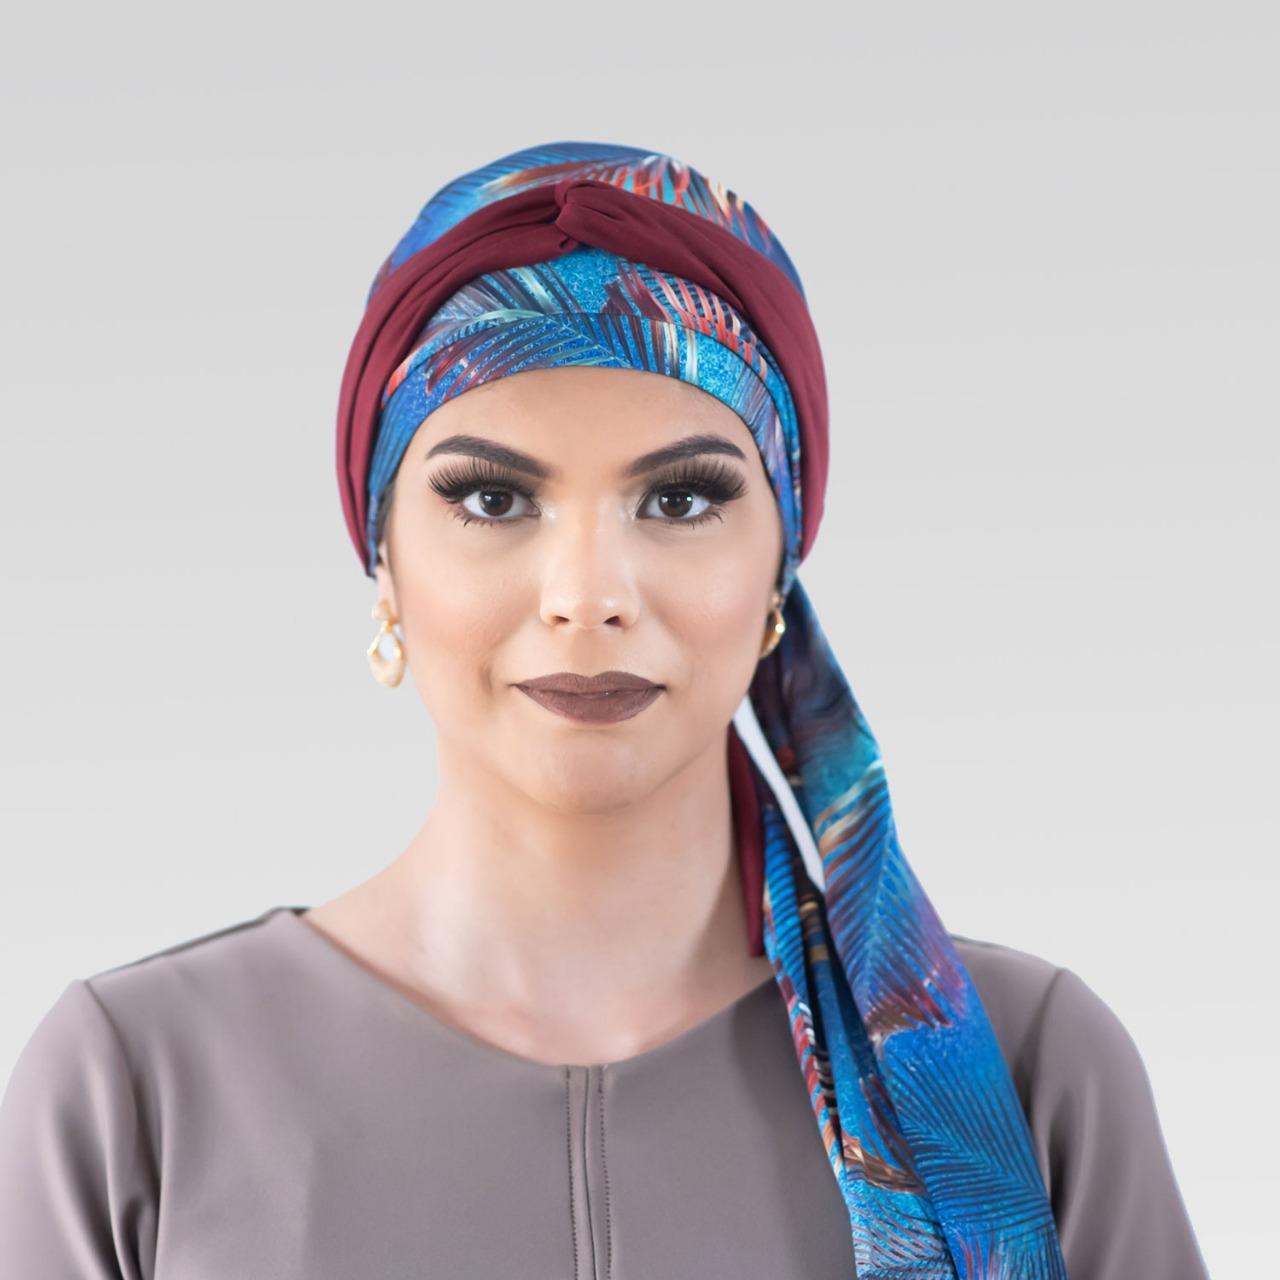 Conjunto Cold Tropical  (Turbante Estampado com Proteção UV + Tiara de Argolas)